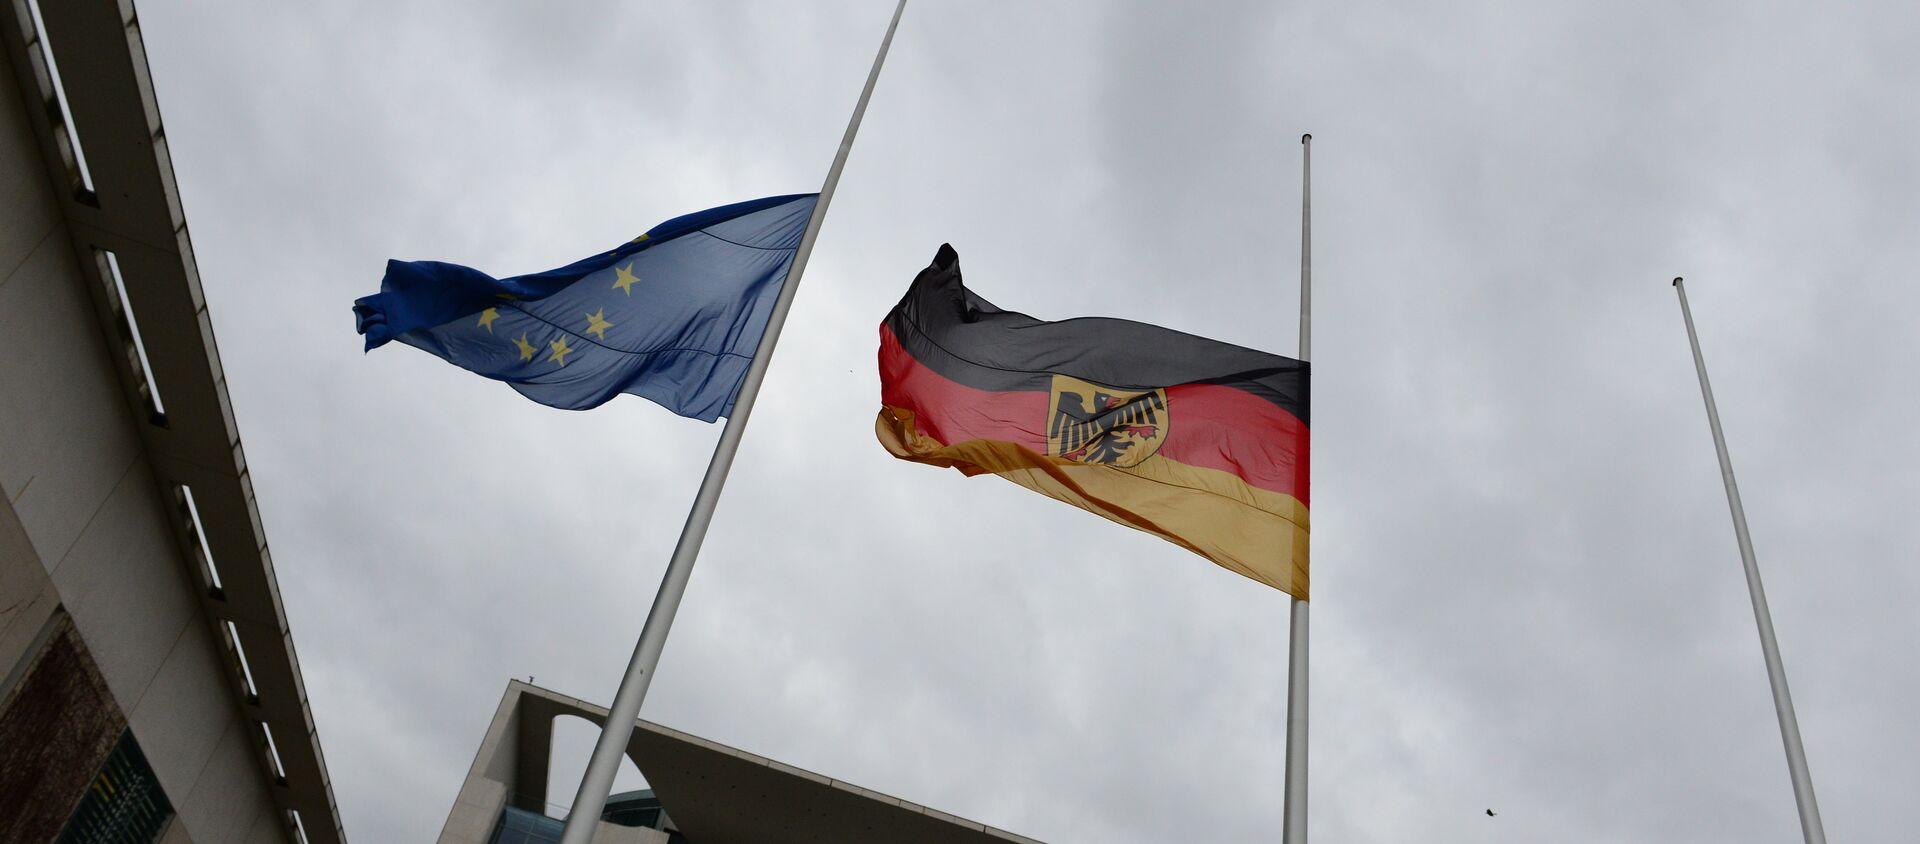 Флаг Германии и ЕС. Архивное фото. - Sputnik Абхазия, 1920, 11.02.2021